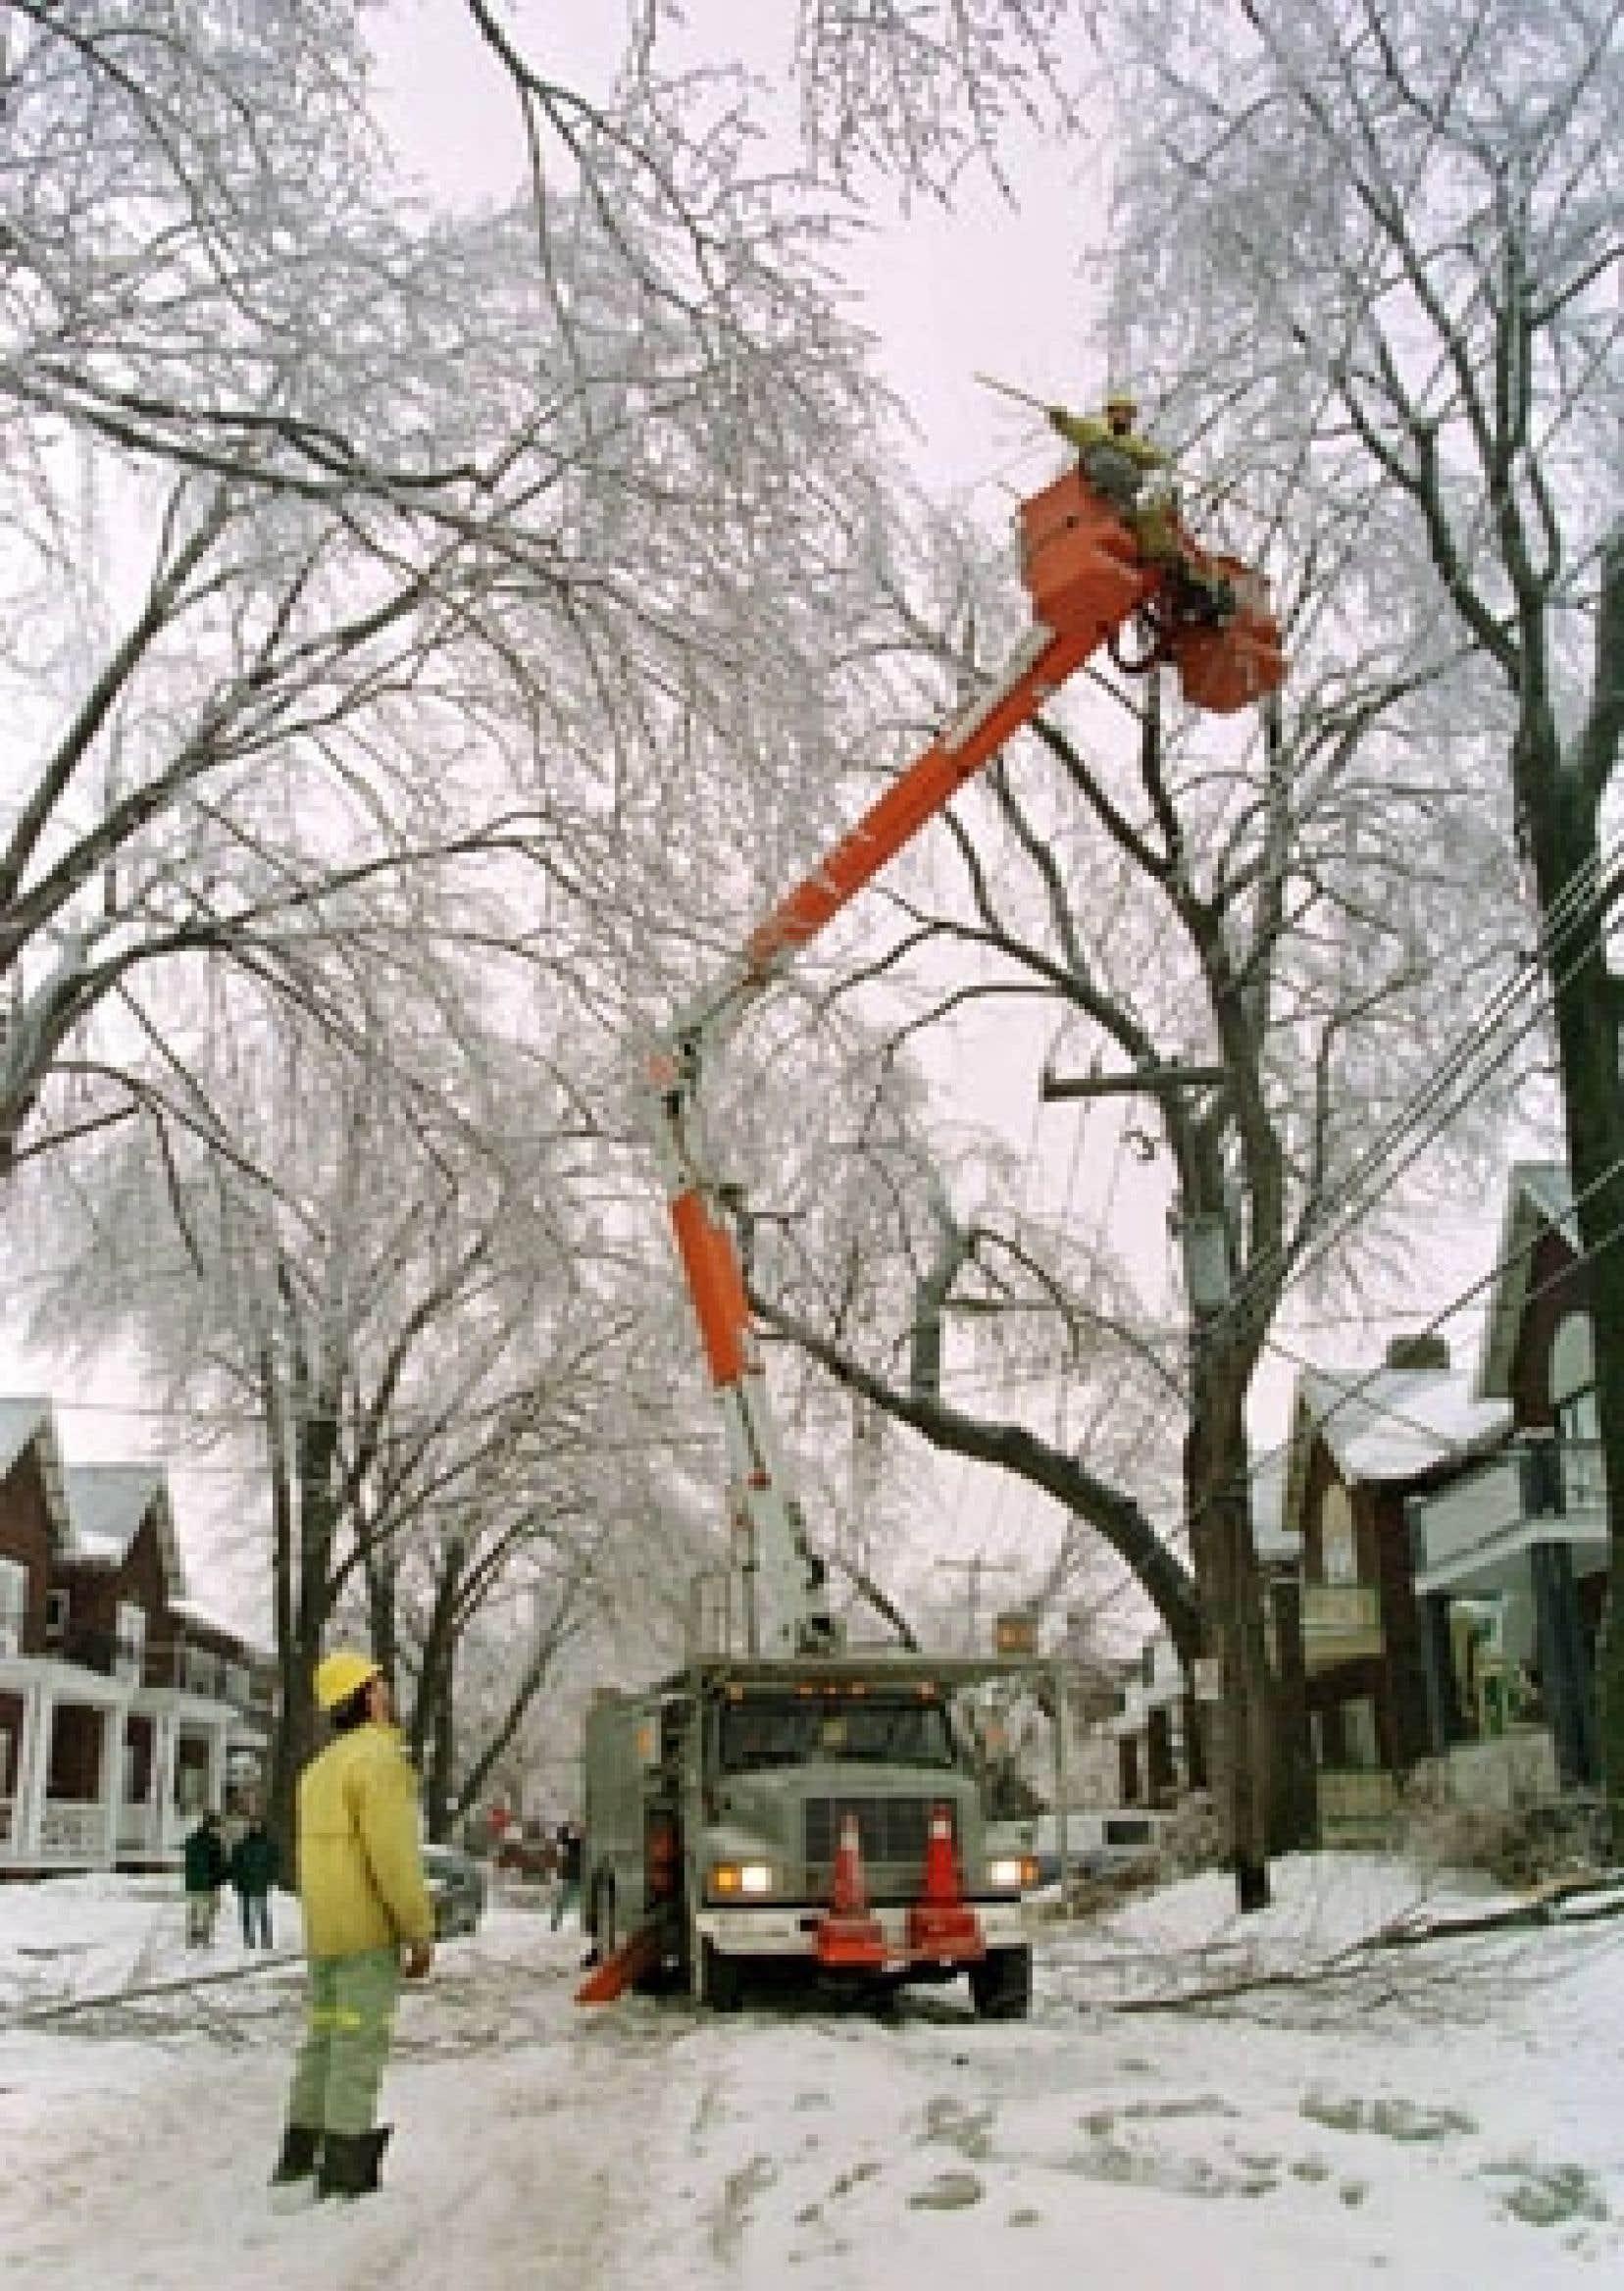 Une équipe d'Hydro-Québec s'affaire à réparer les dégâts aux fils électriques causés par la tempête de verglas, en janvier 1998.